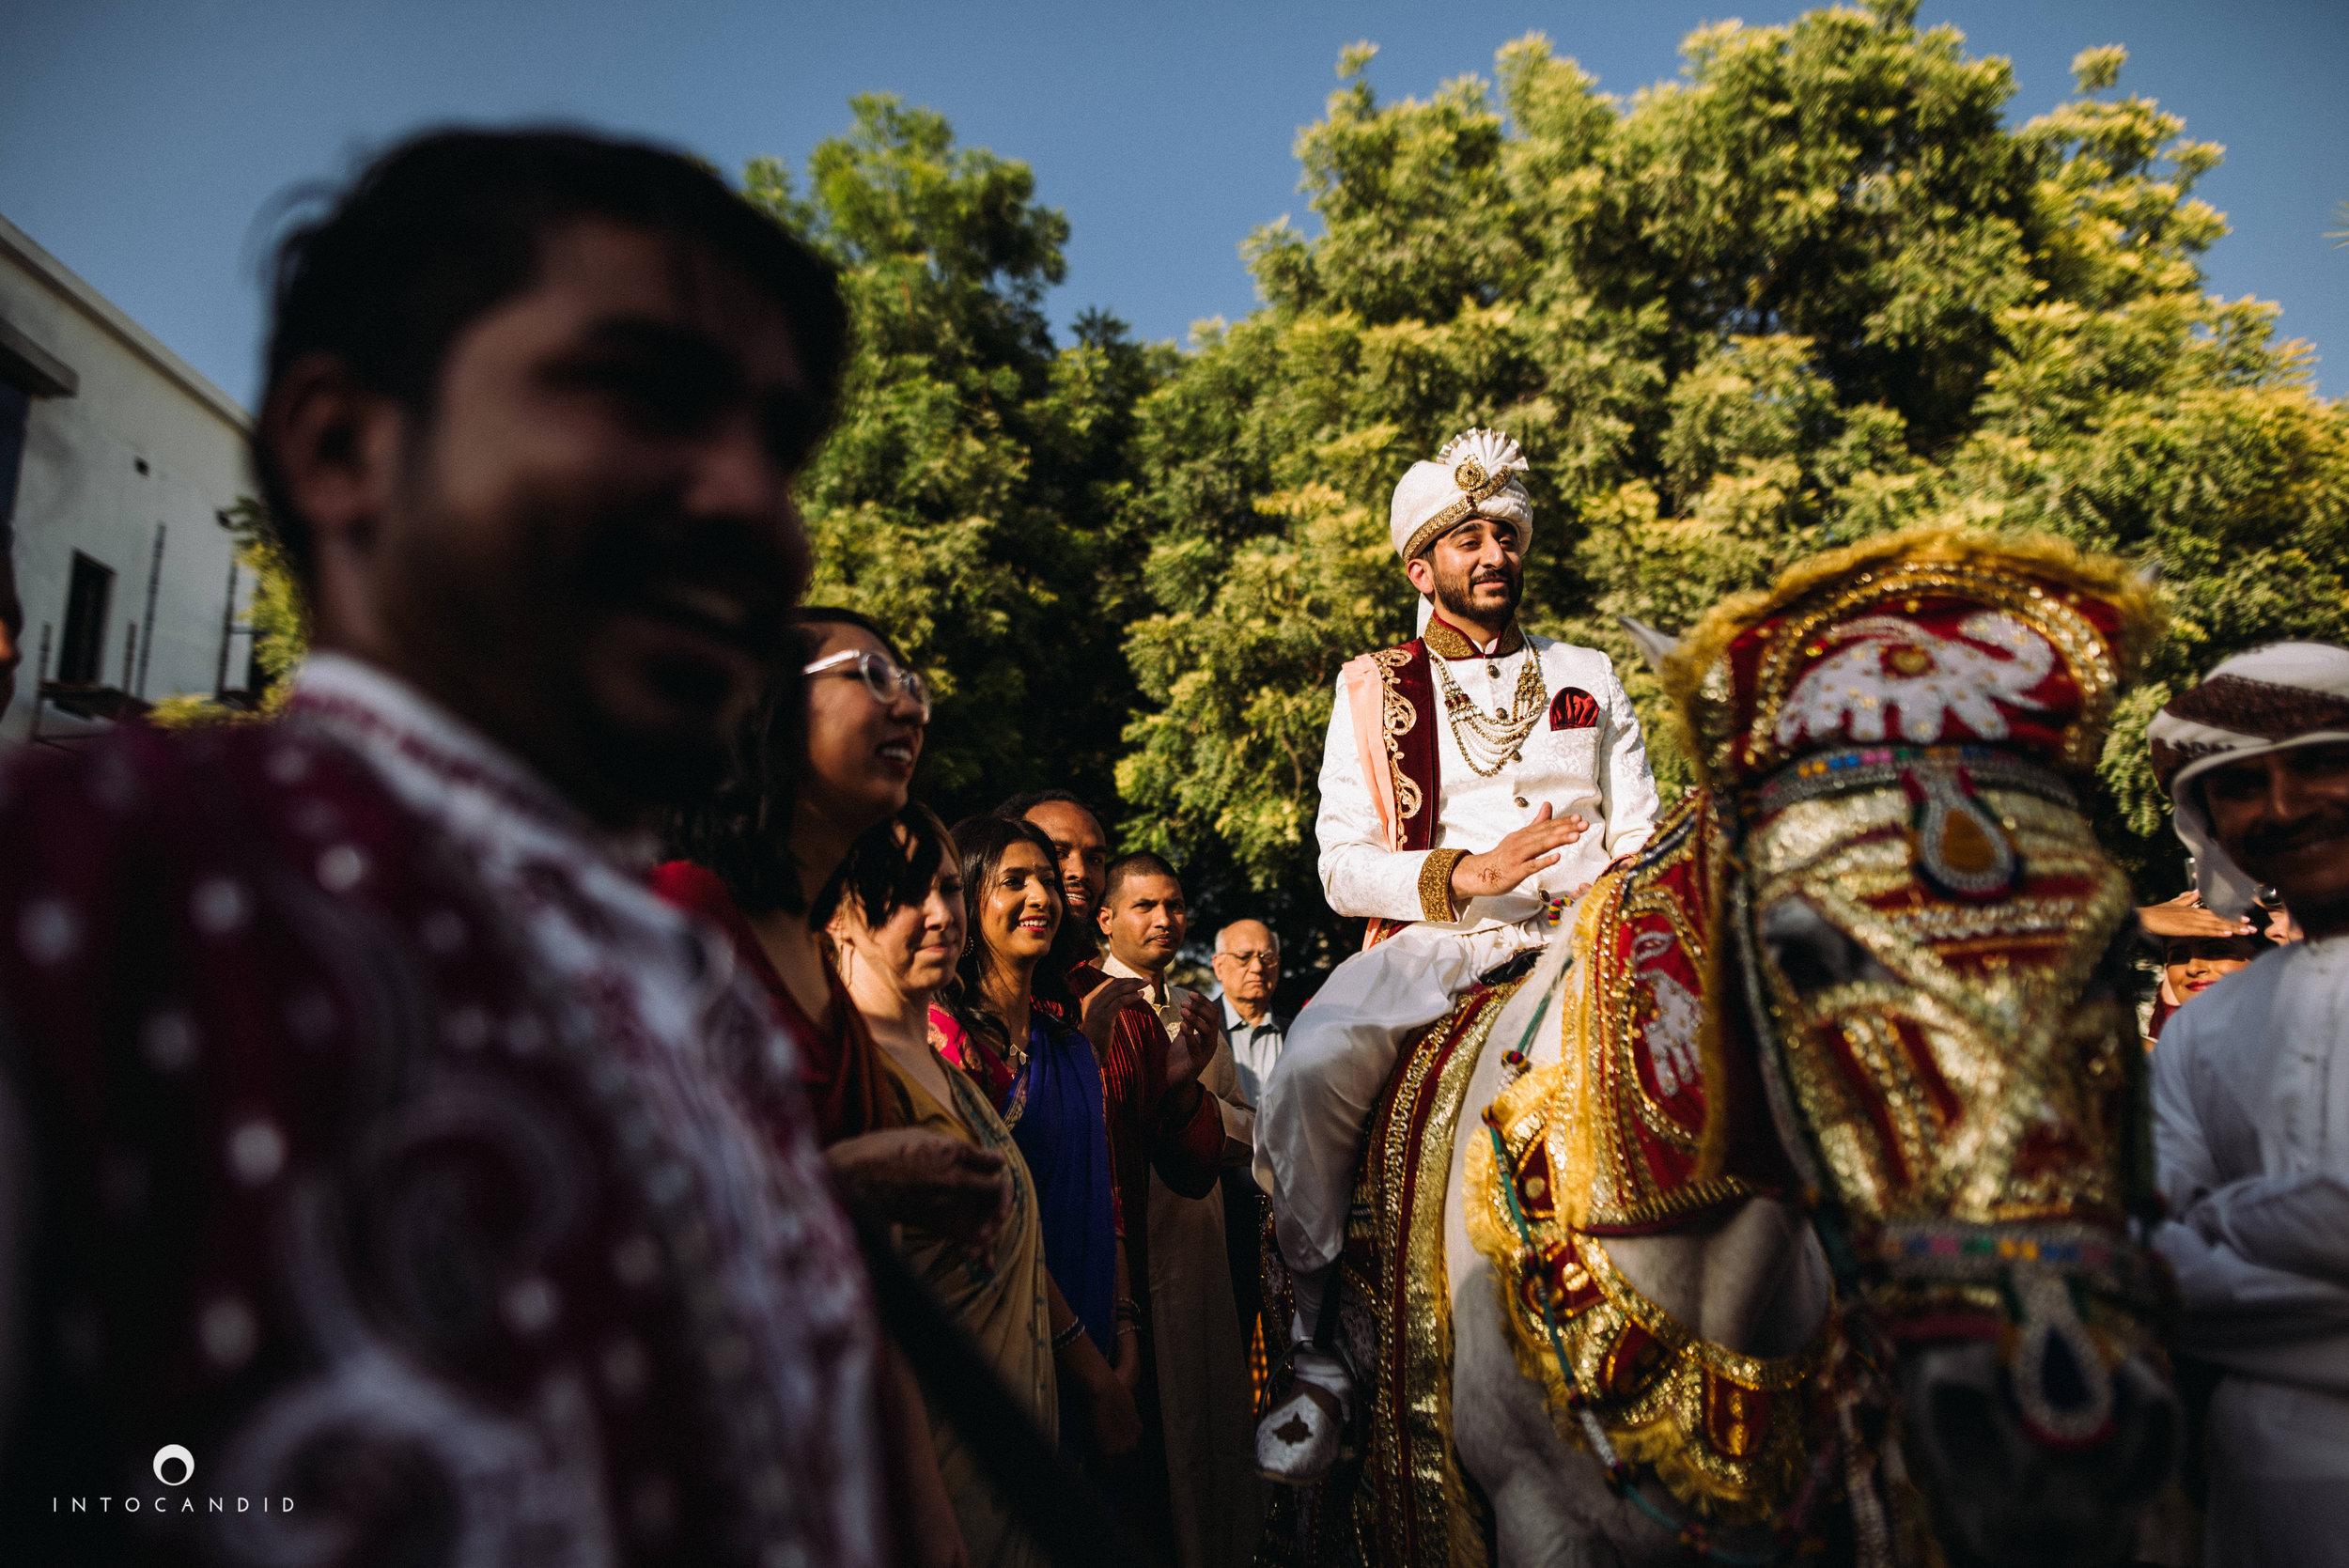 Dubai_Wedding_Photographer_23.JPG